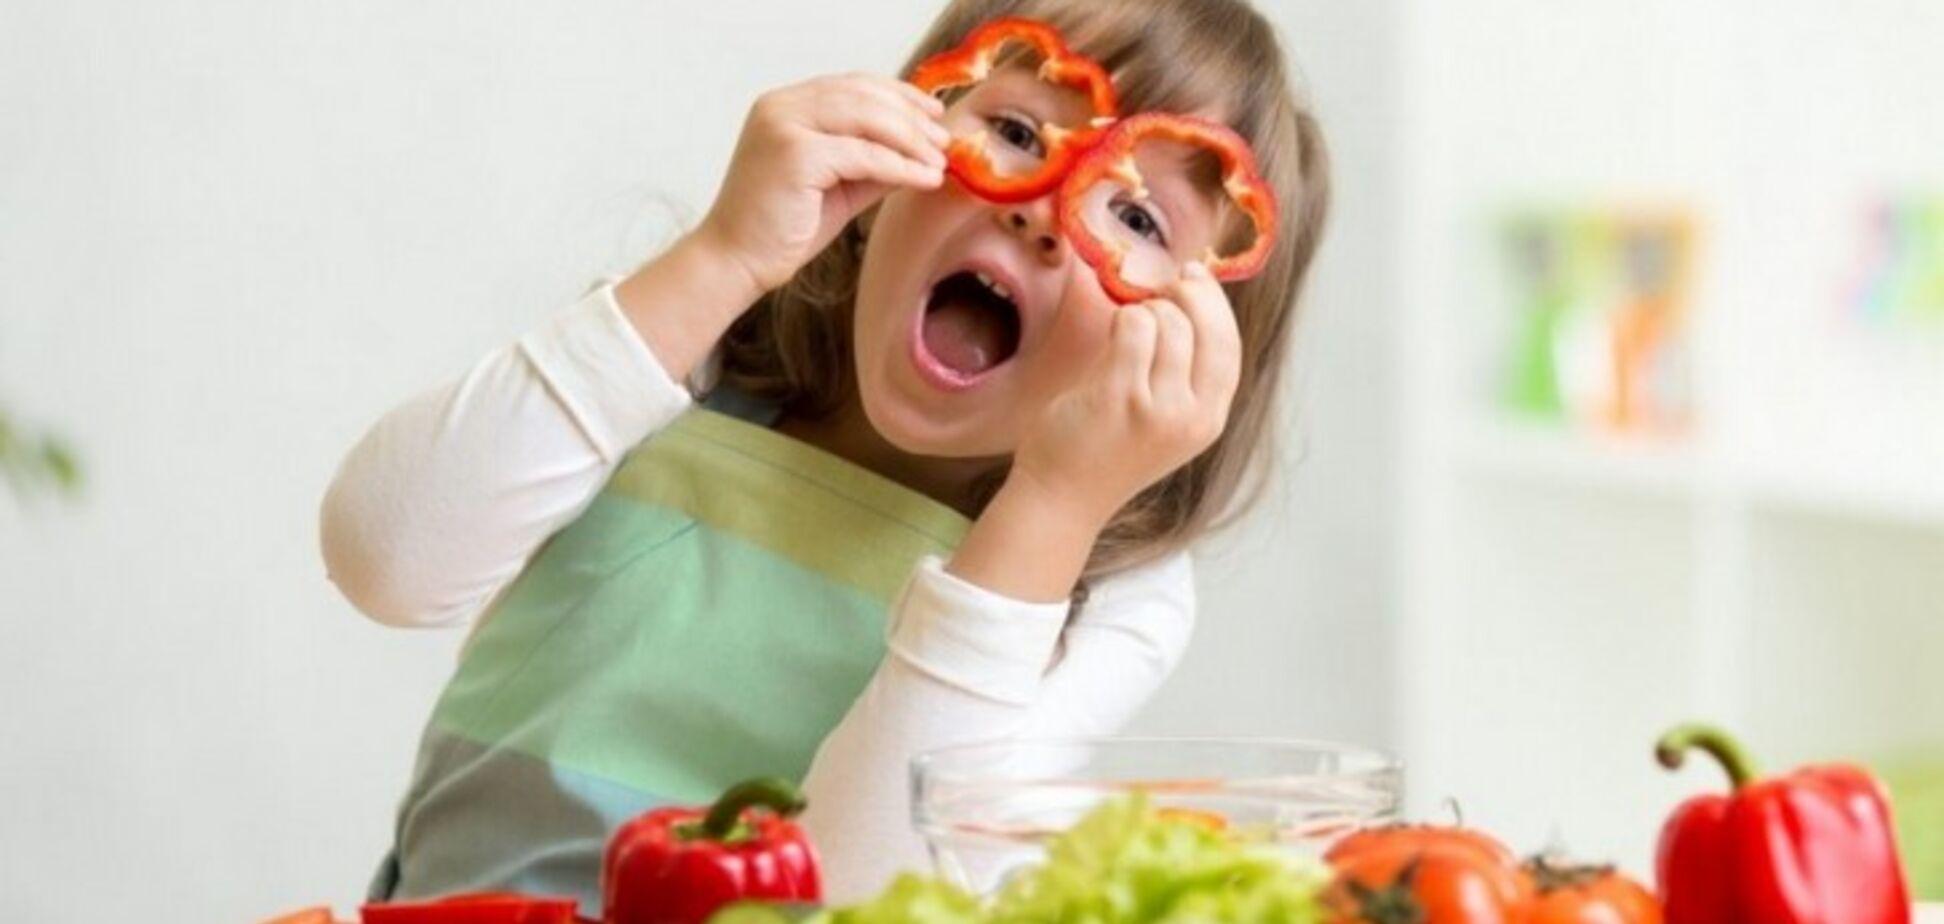 Как научить ребенка есть овощи: полезные советы